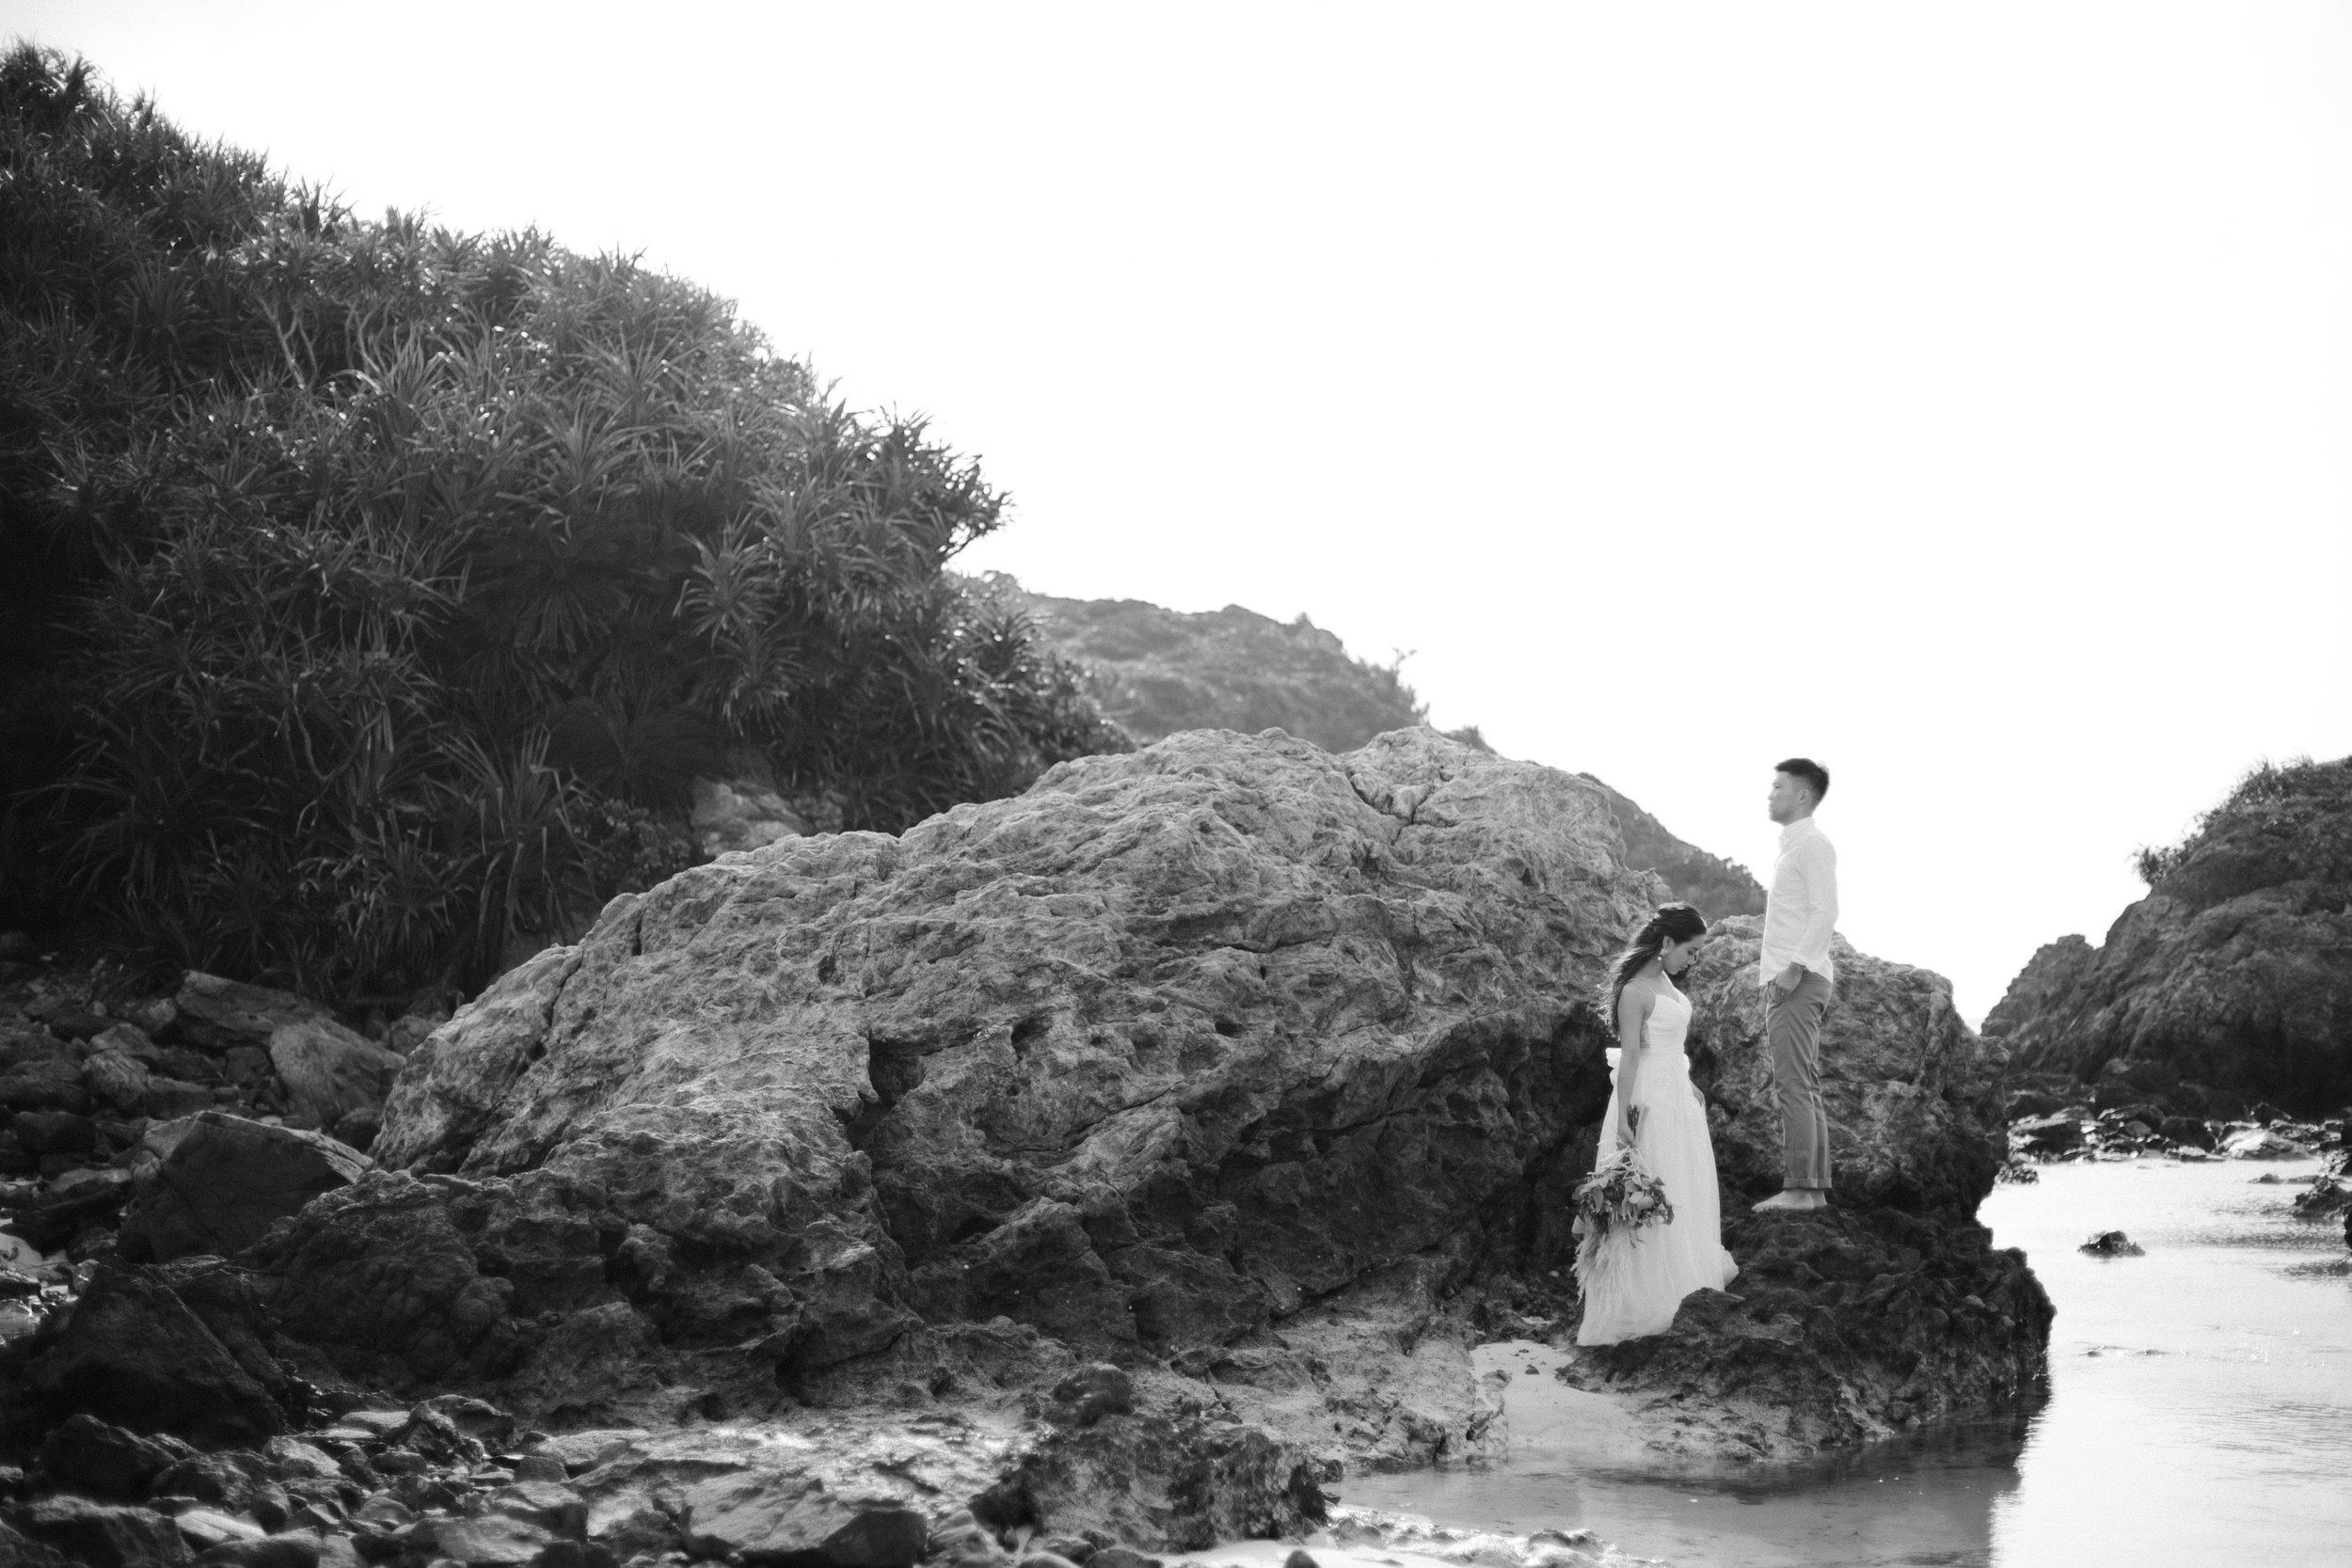 Photo Wedding - 撮影場所は全国各地 結婚式で撮影できないロケーションで衣装を着用しての撮影です